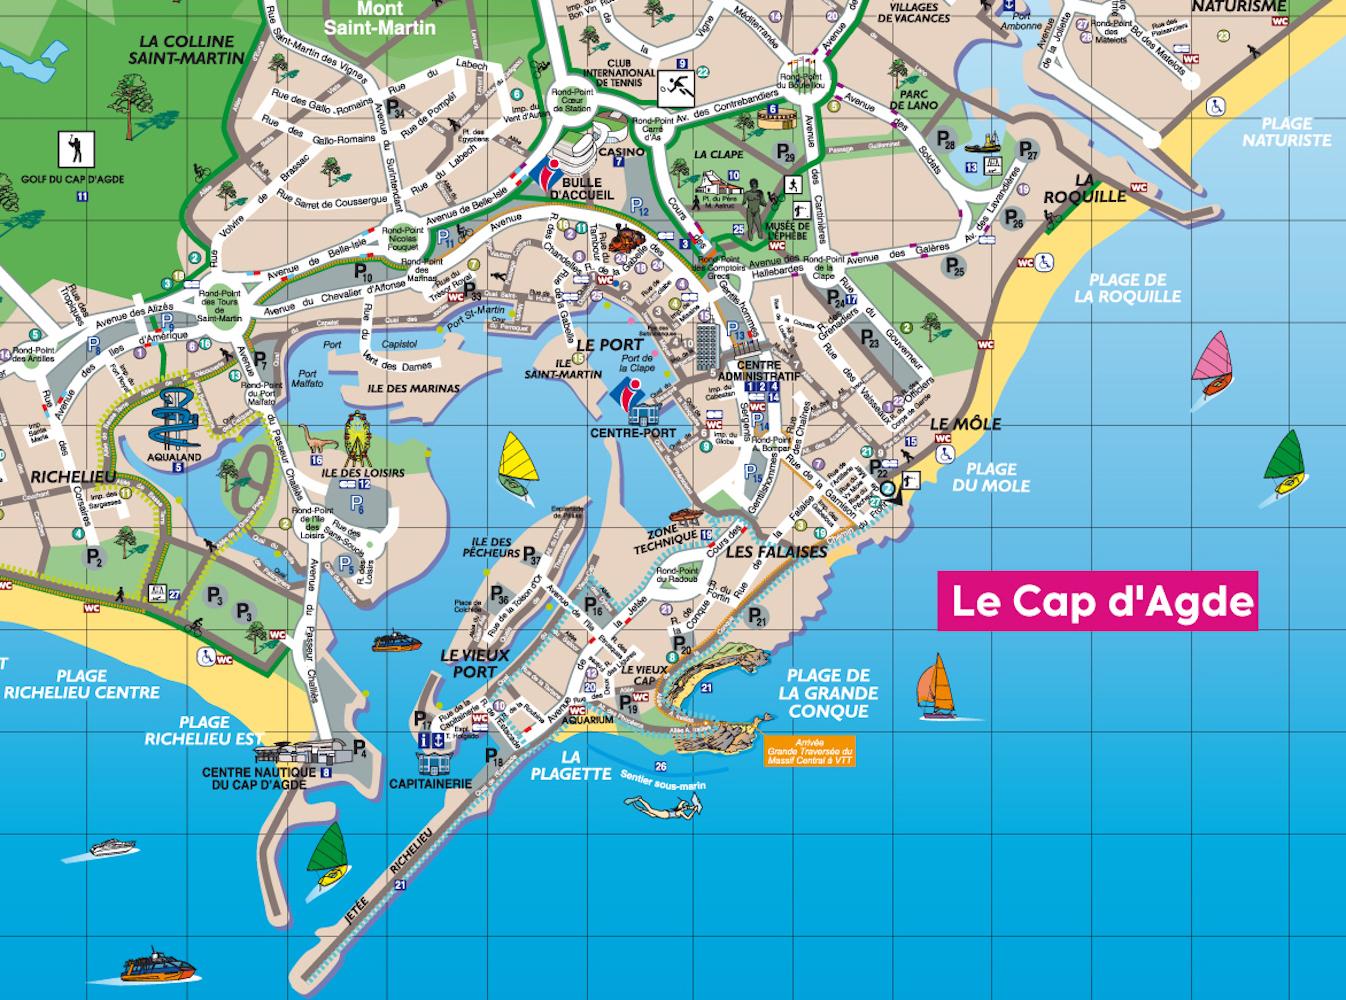 Le plan de ville touristique d'Agde - imapping